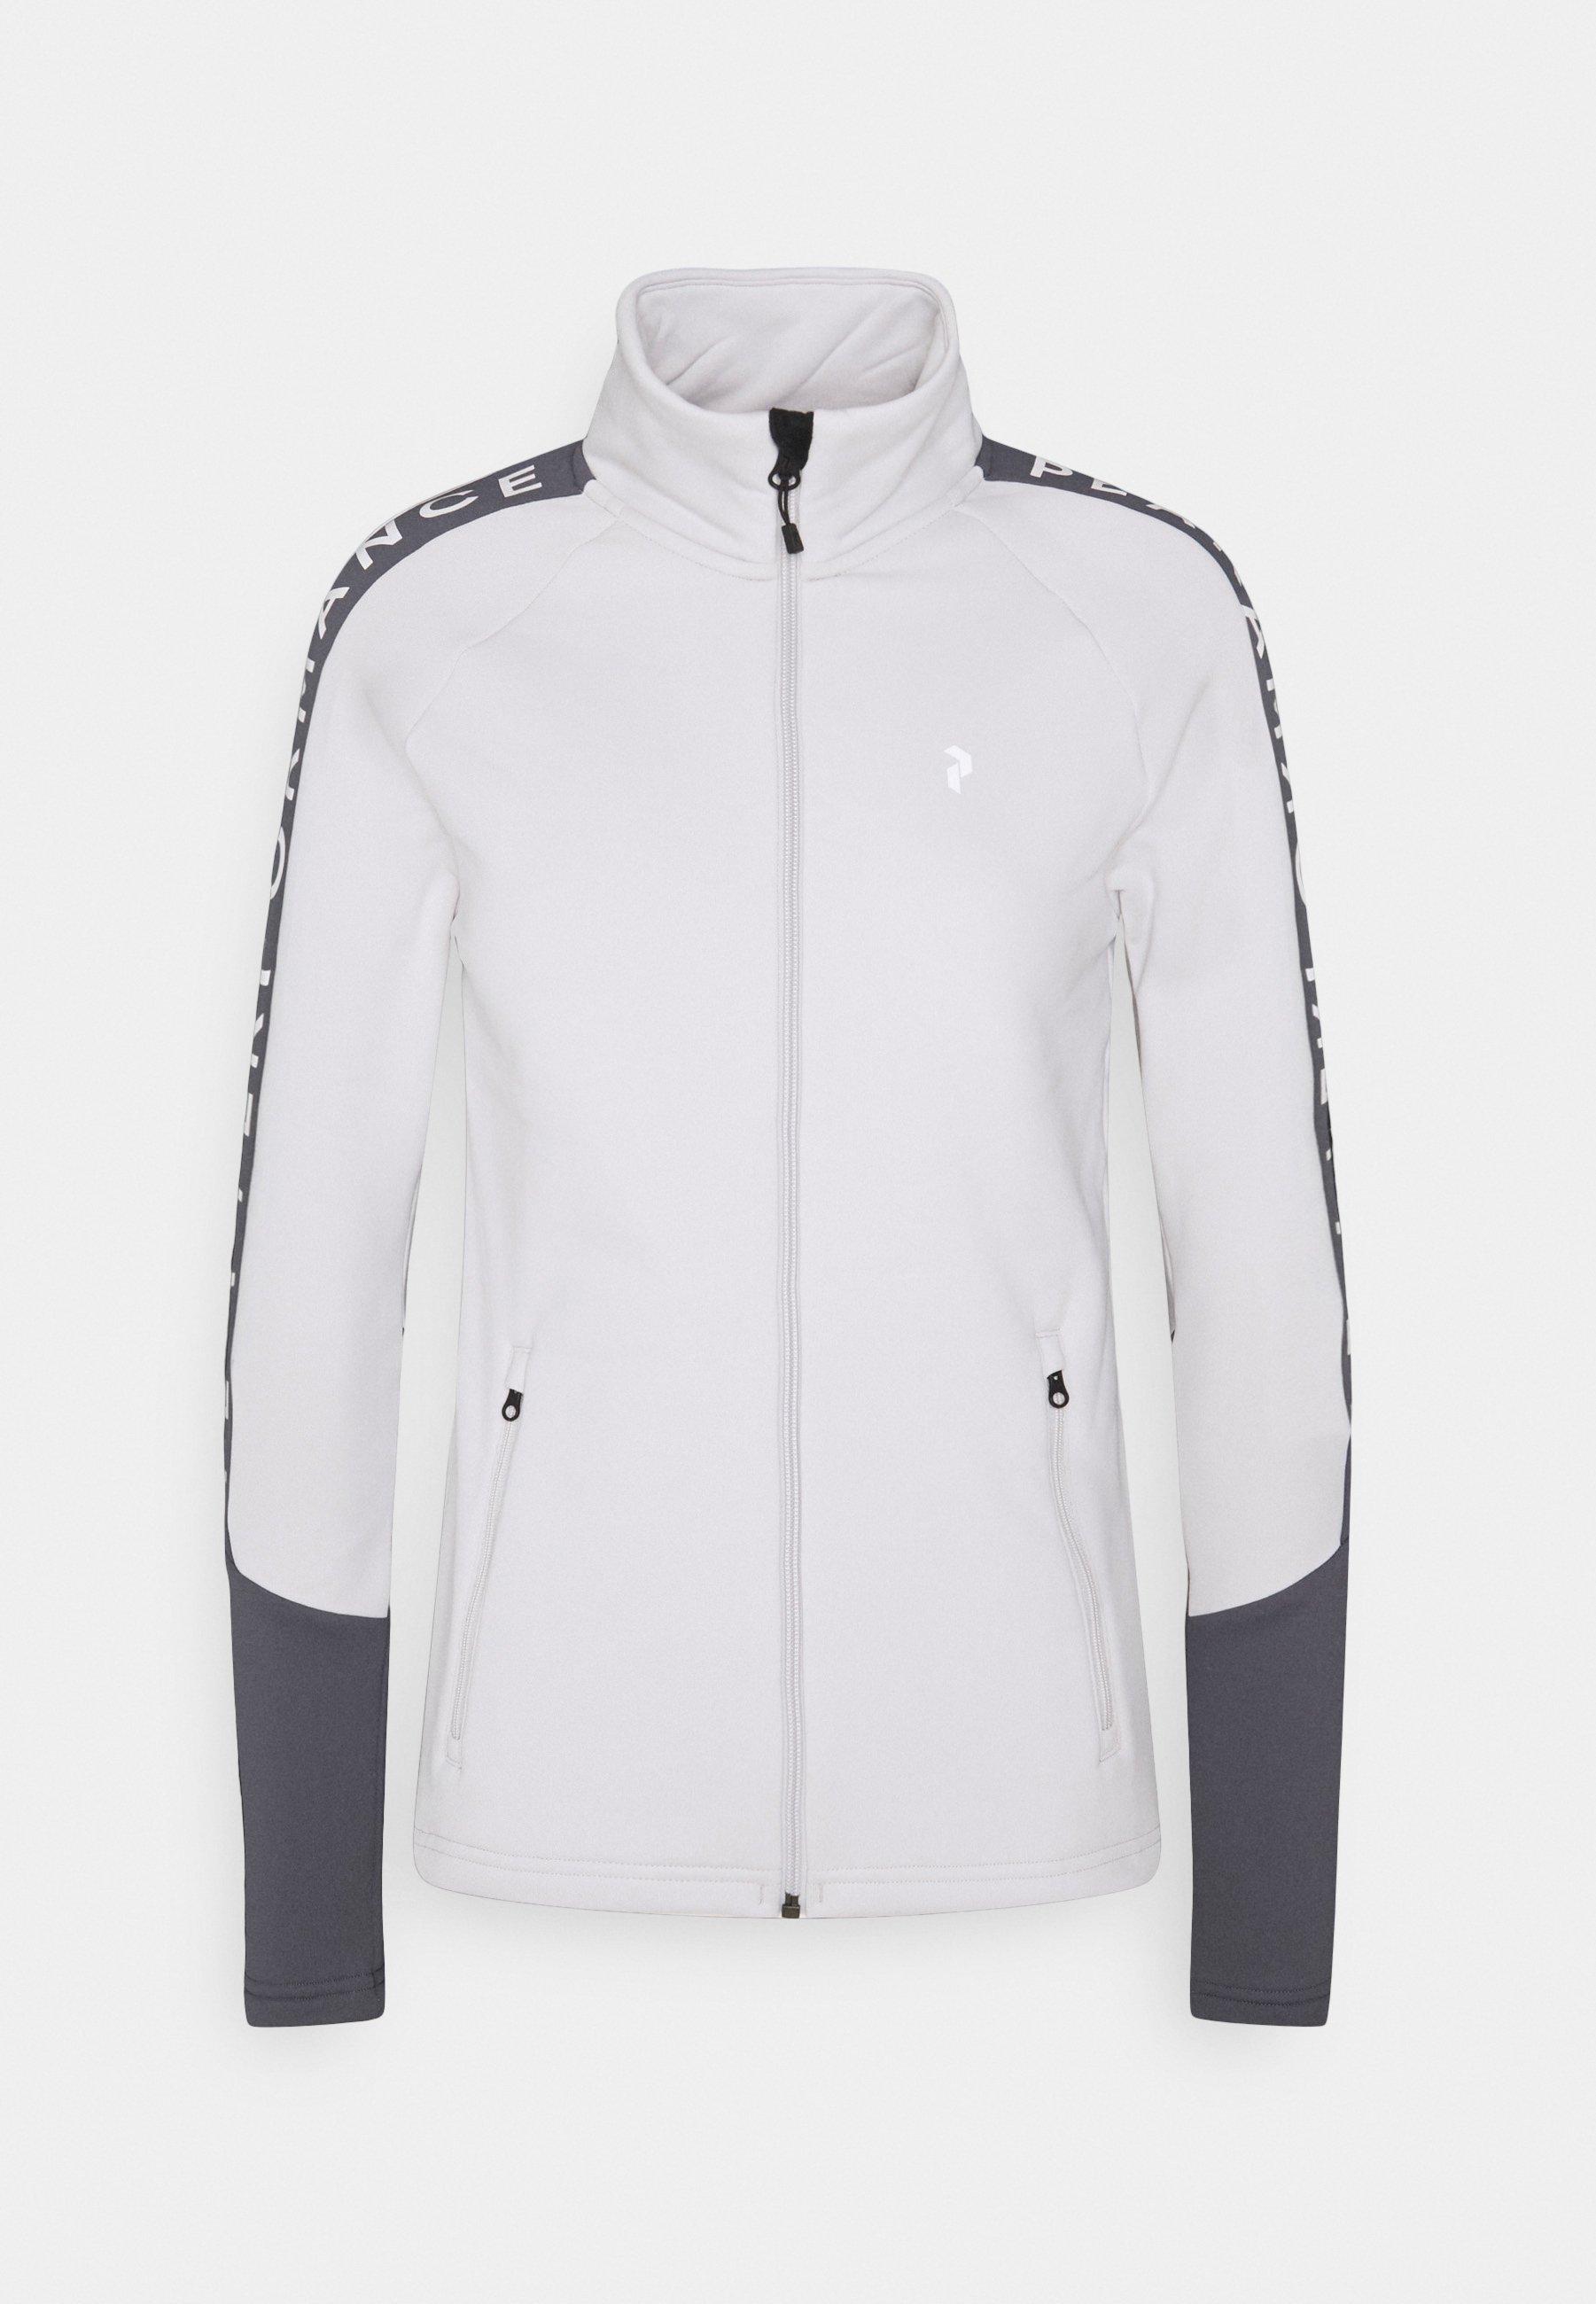 Women RIDER ZIP JACKET - Fleece jacket